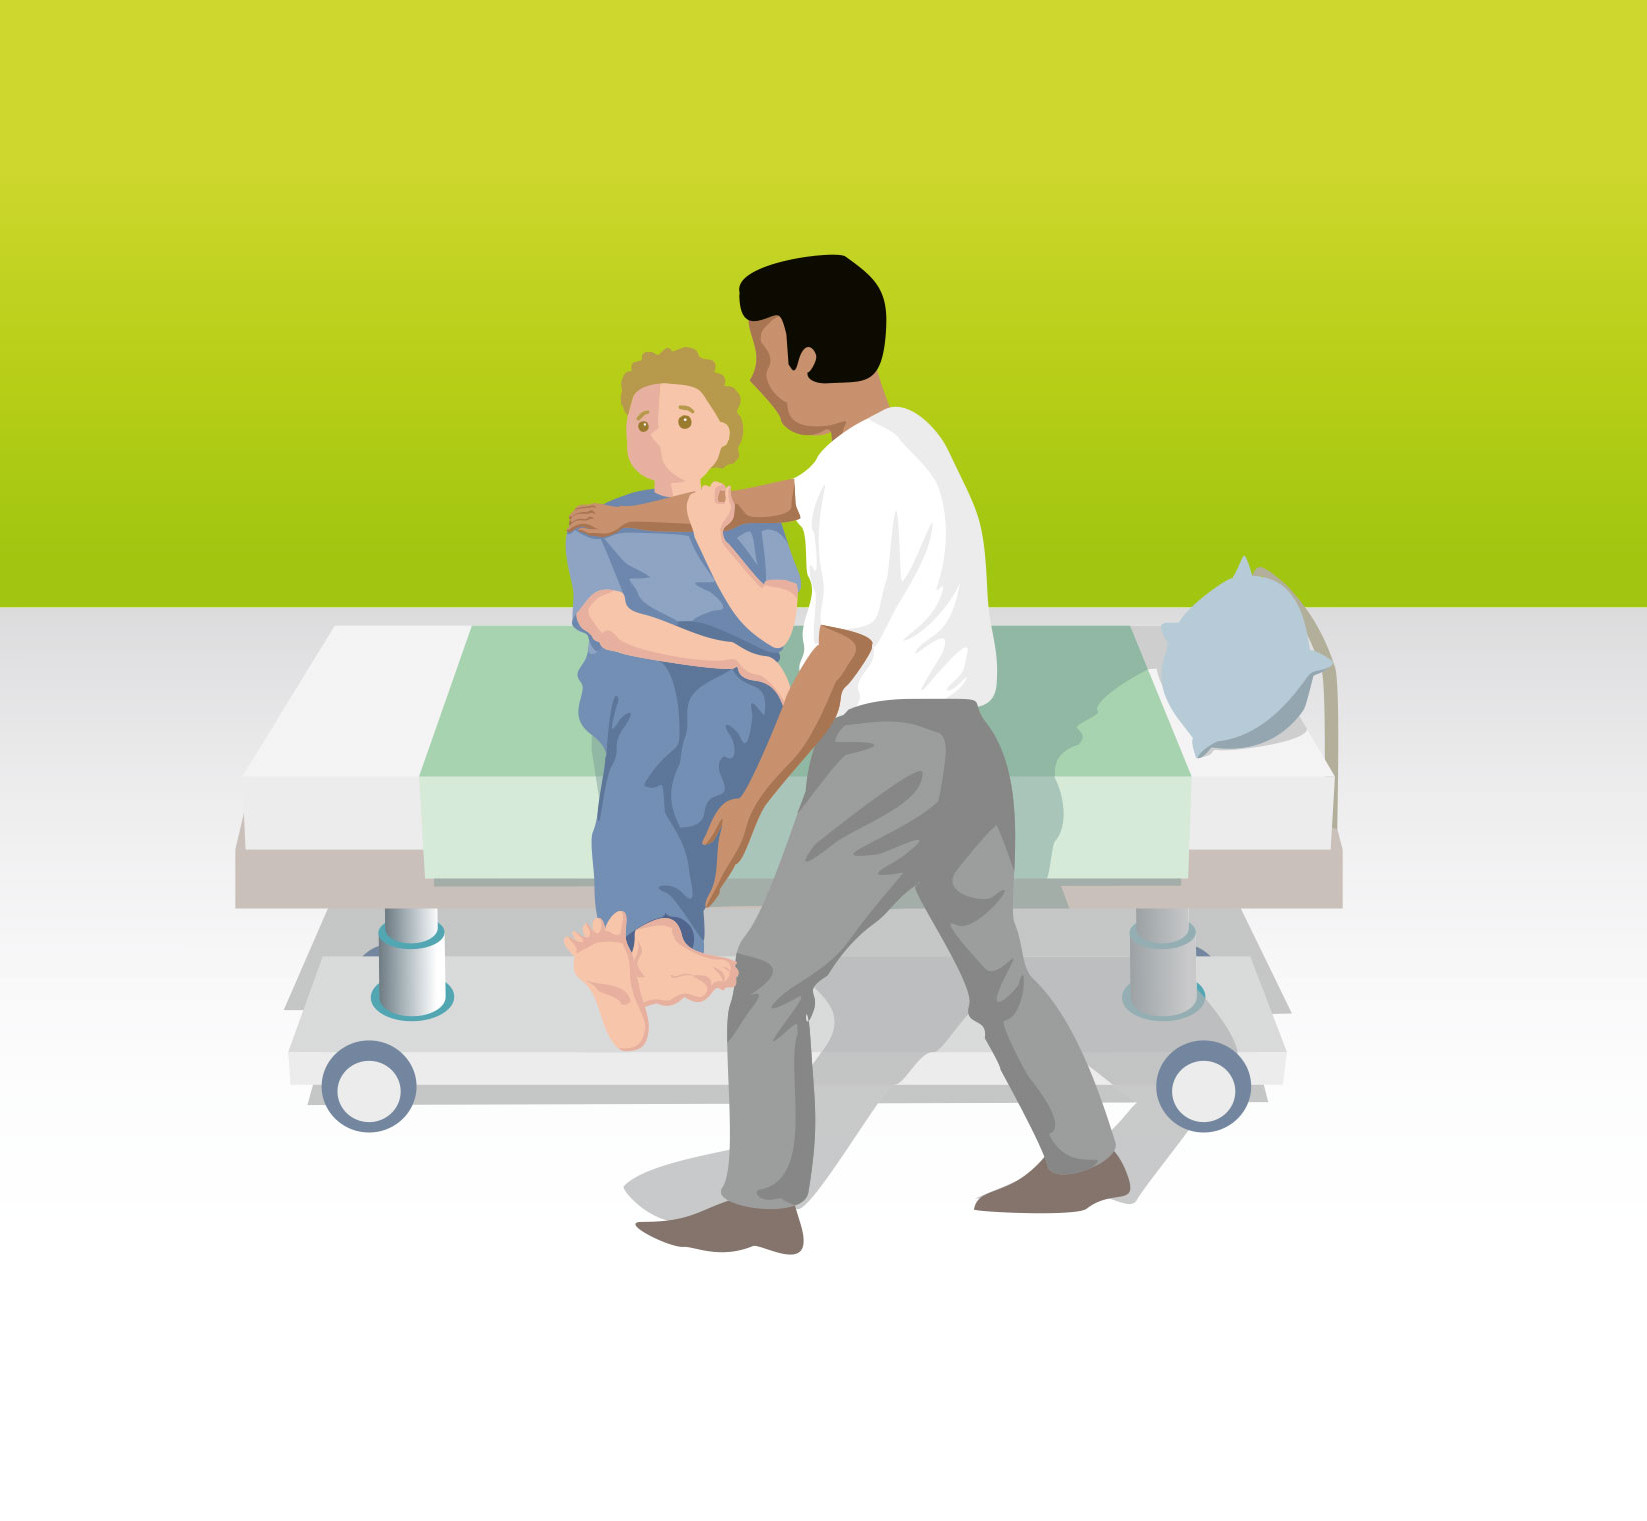 Von der Sitz- in die Liegeposition mit Hilfe des Schultergriffes